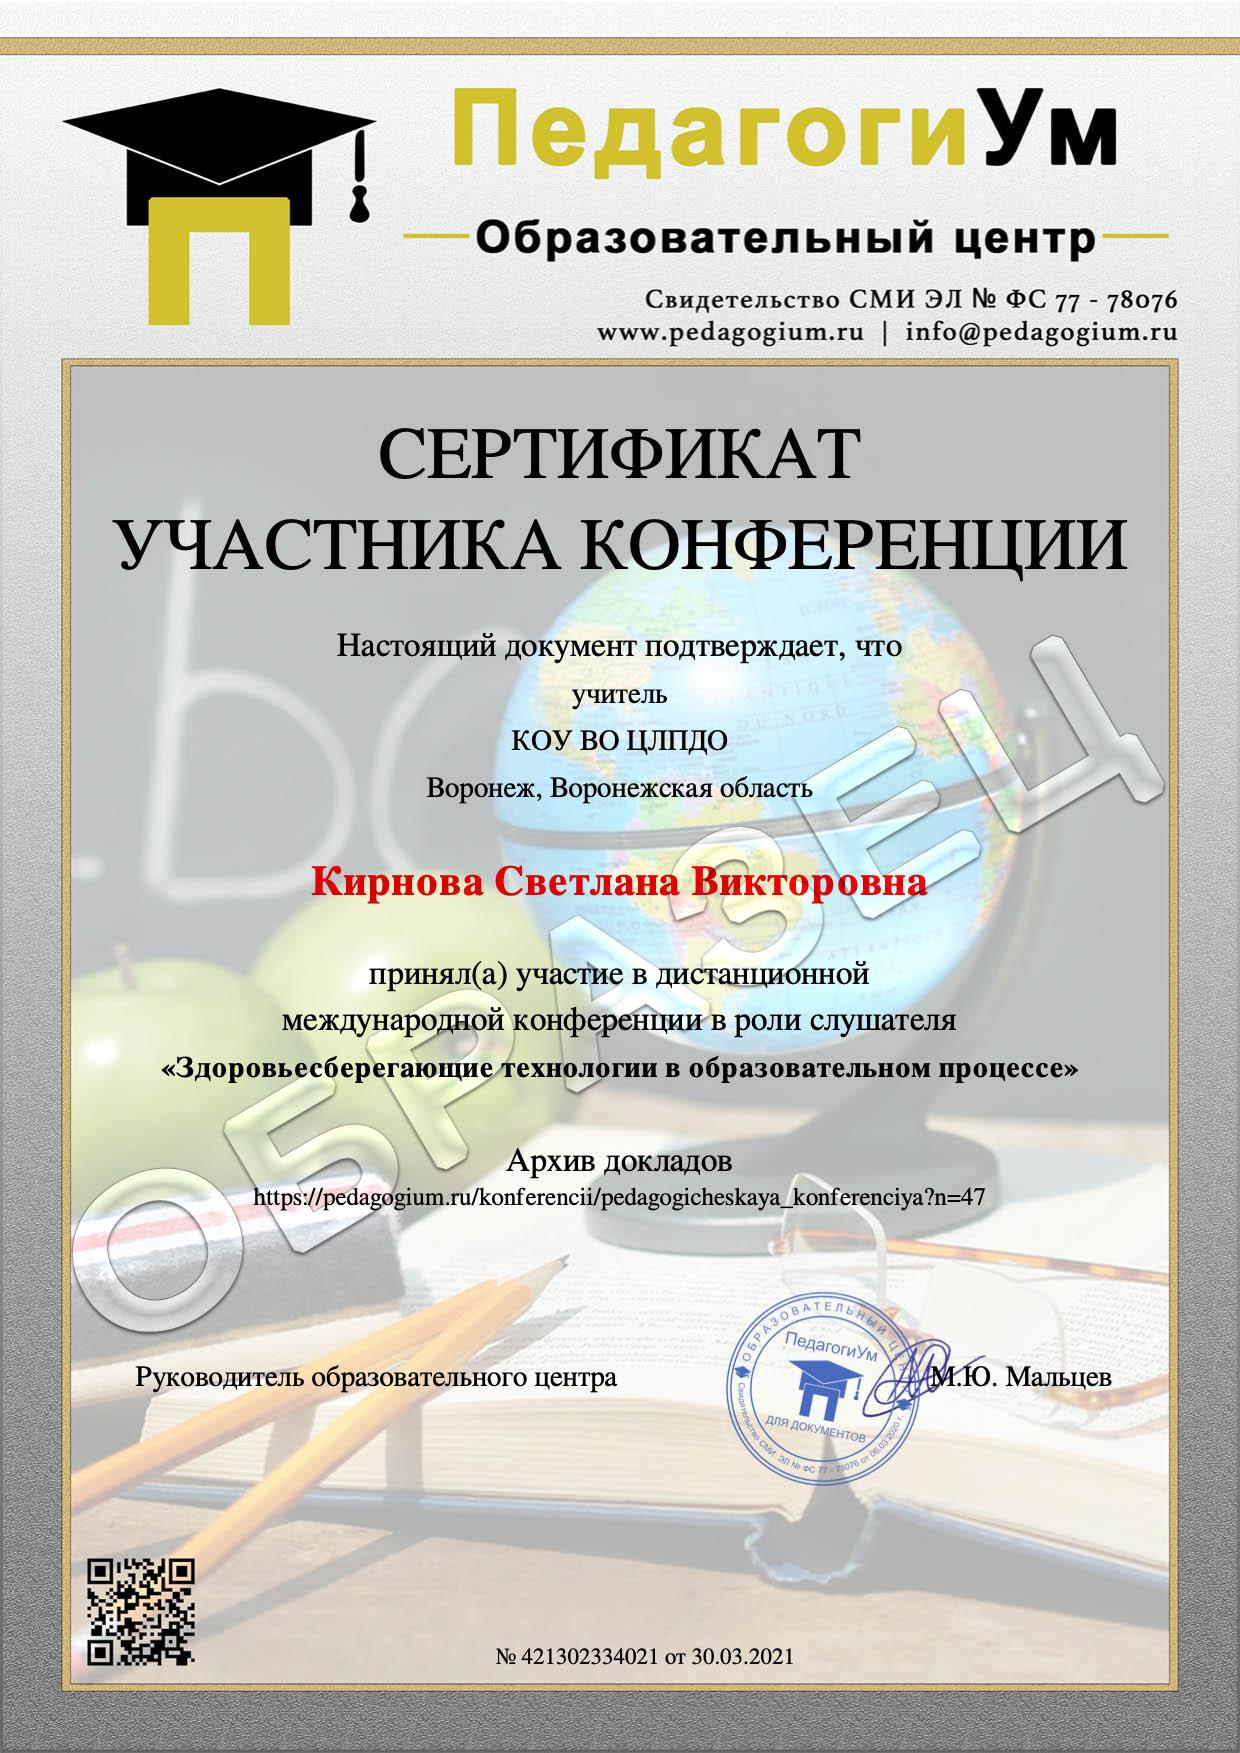 Образец документа слушателю за участие в дистанционных конференциях центра ПедагогиУм.